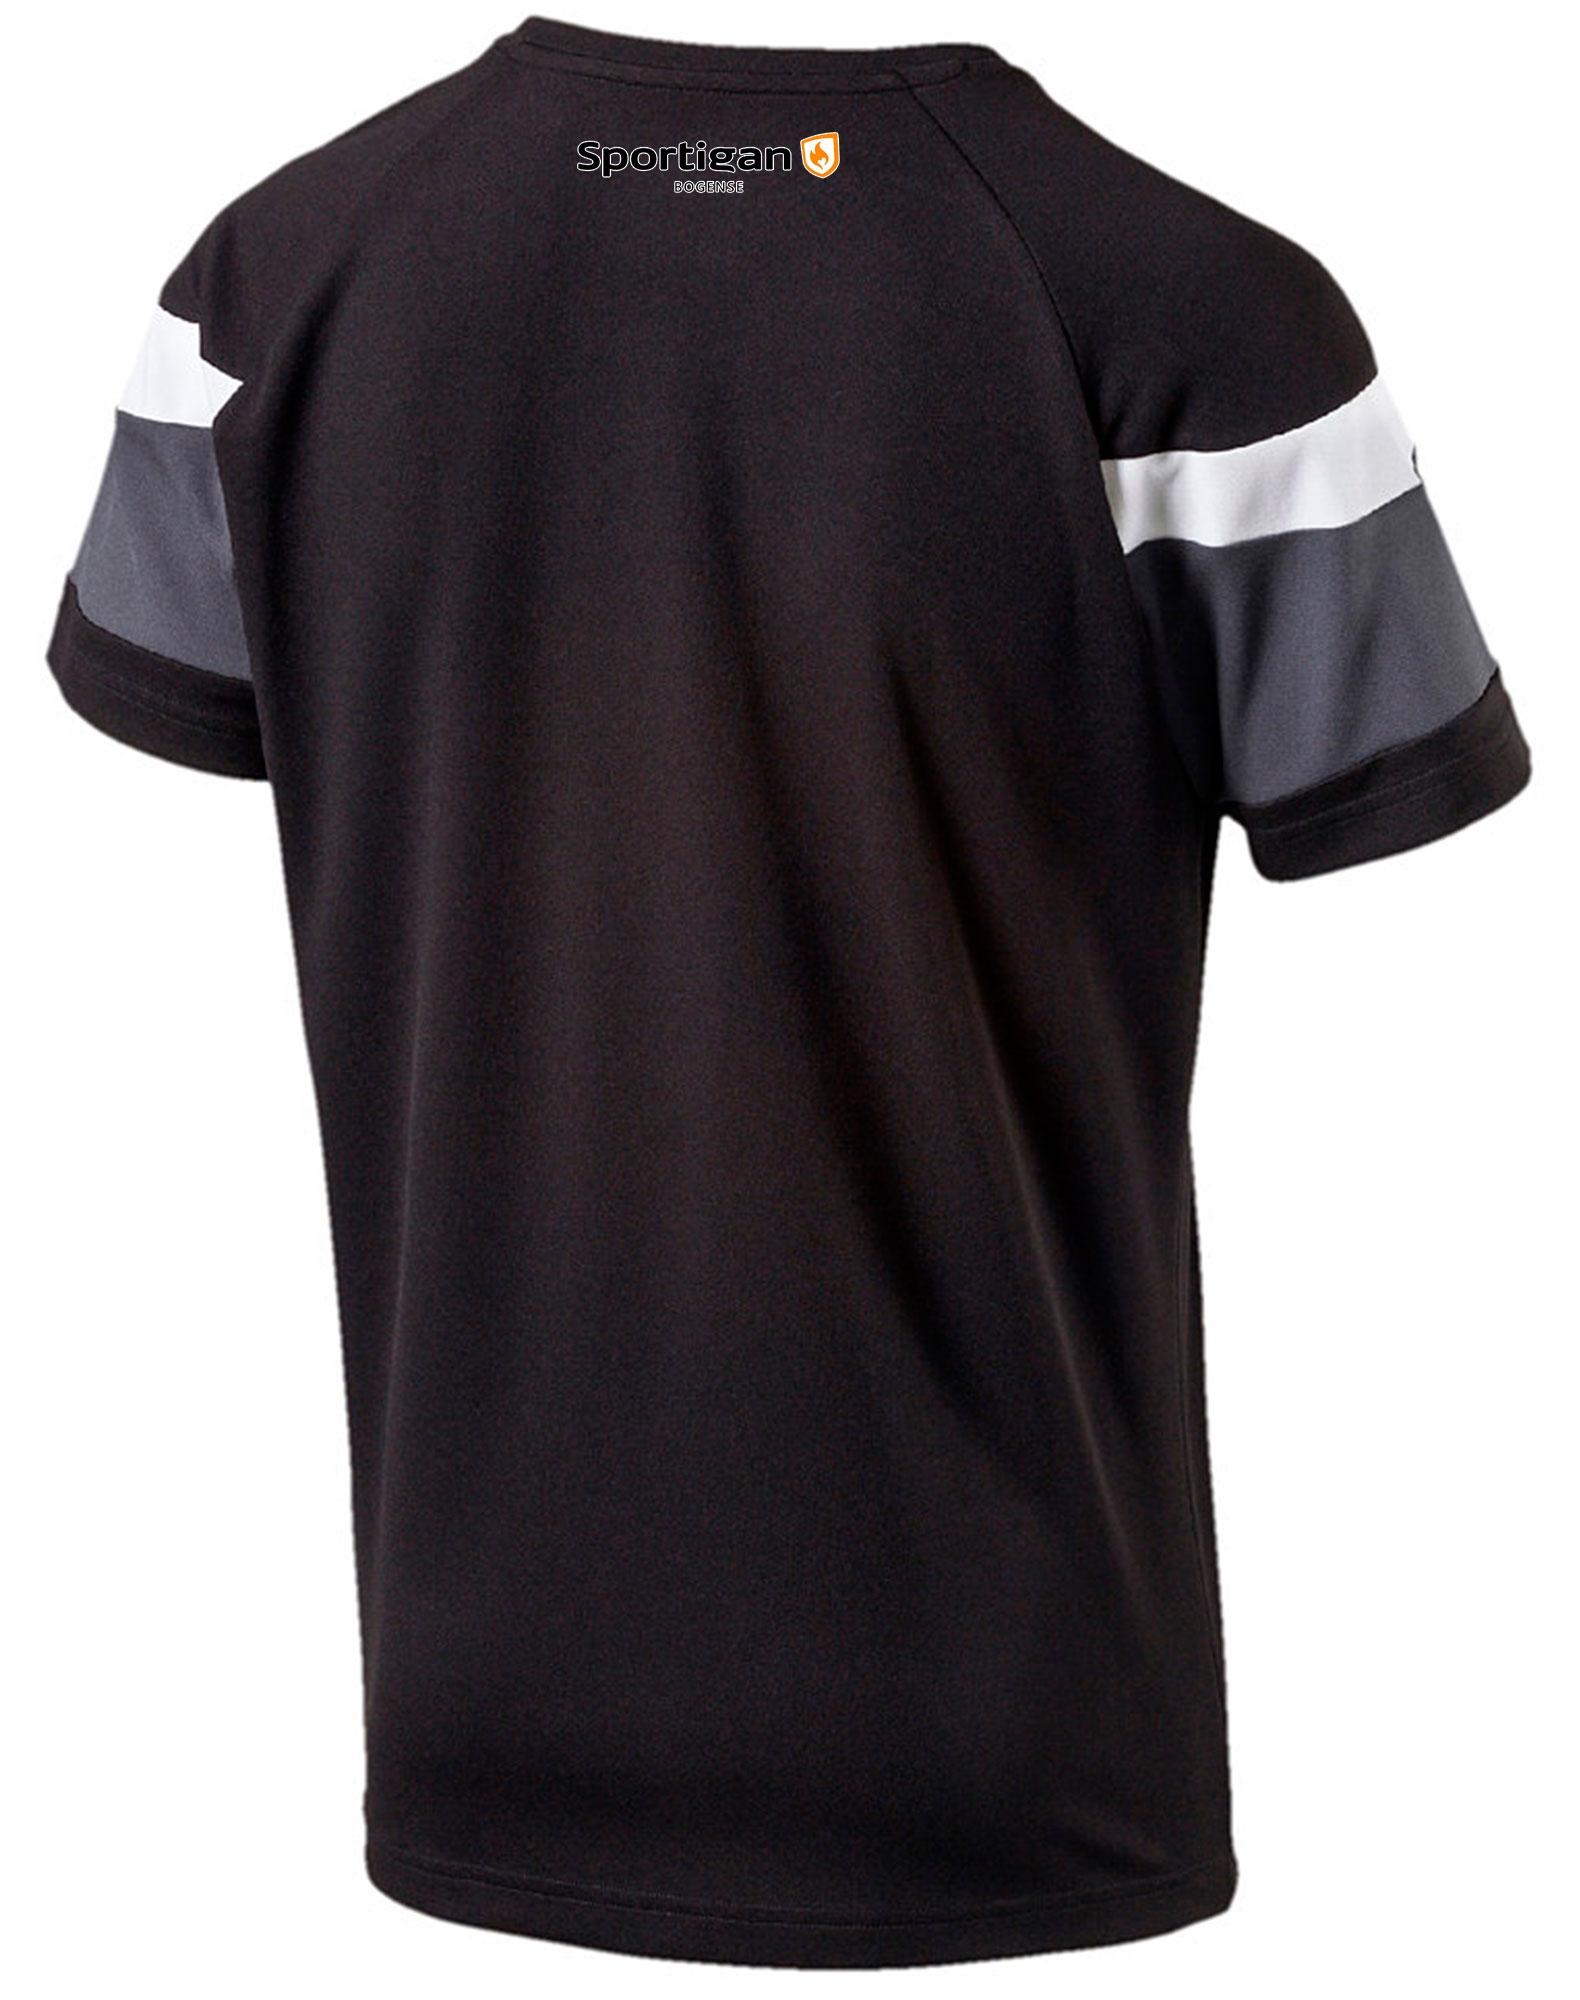 dc5c80e3c2f Køb Puma Spirit Ii Trænings T-shirt M. Navn Og Logo Børn